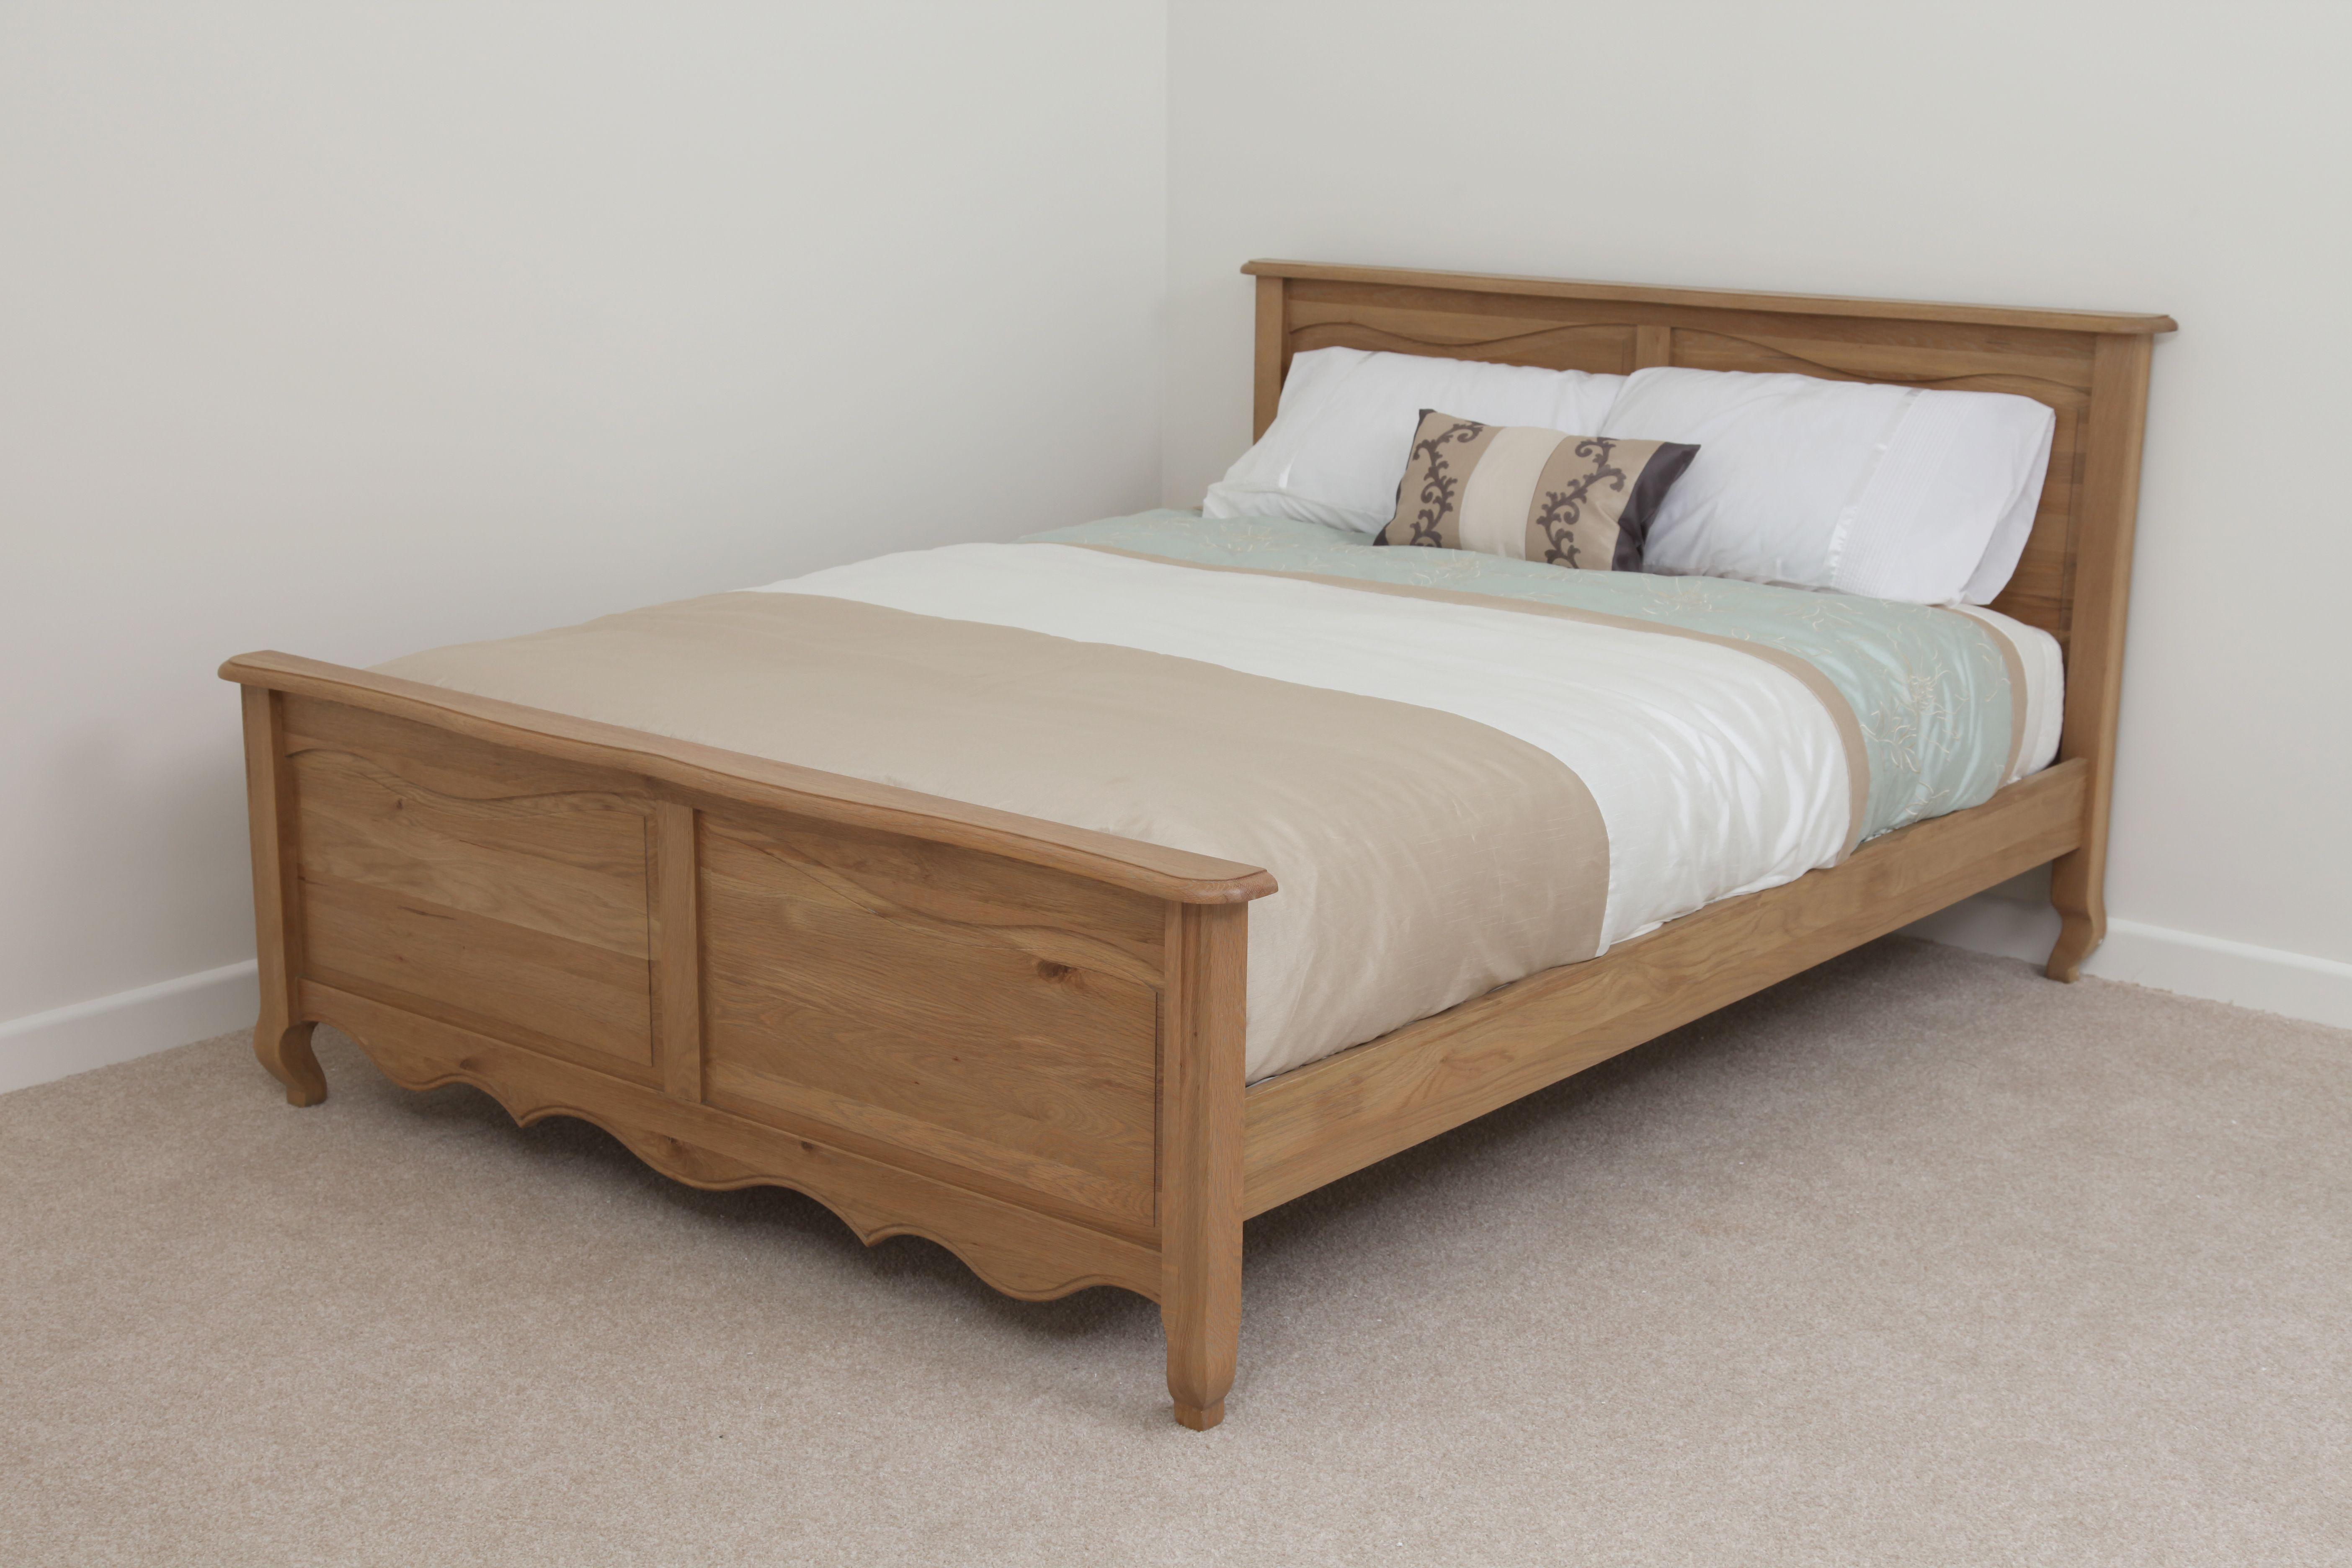 Furniture Ranges From Oak Furniture Land Oak King Size Bed